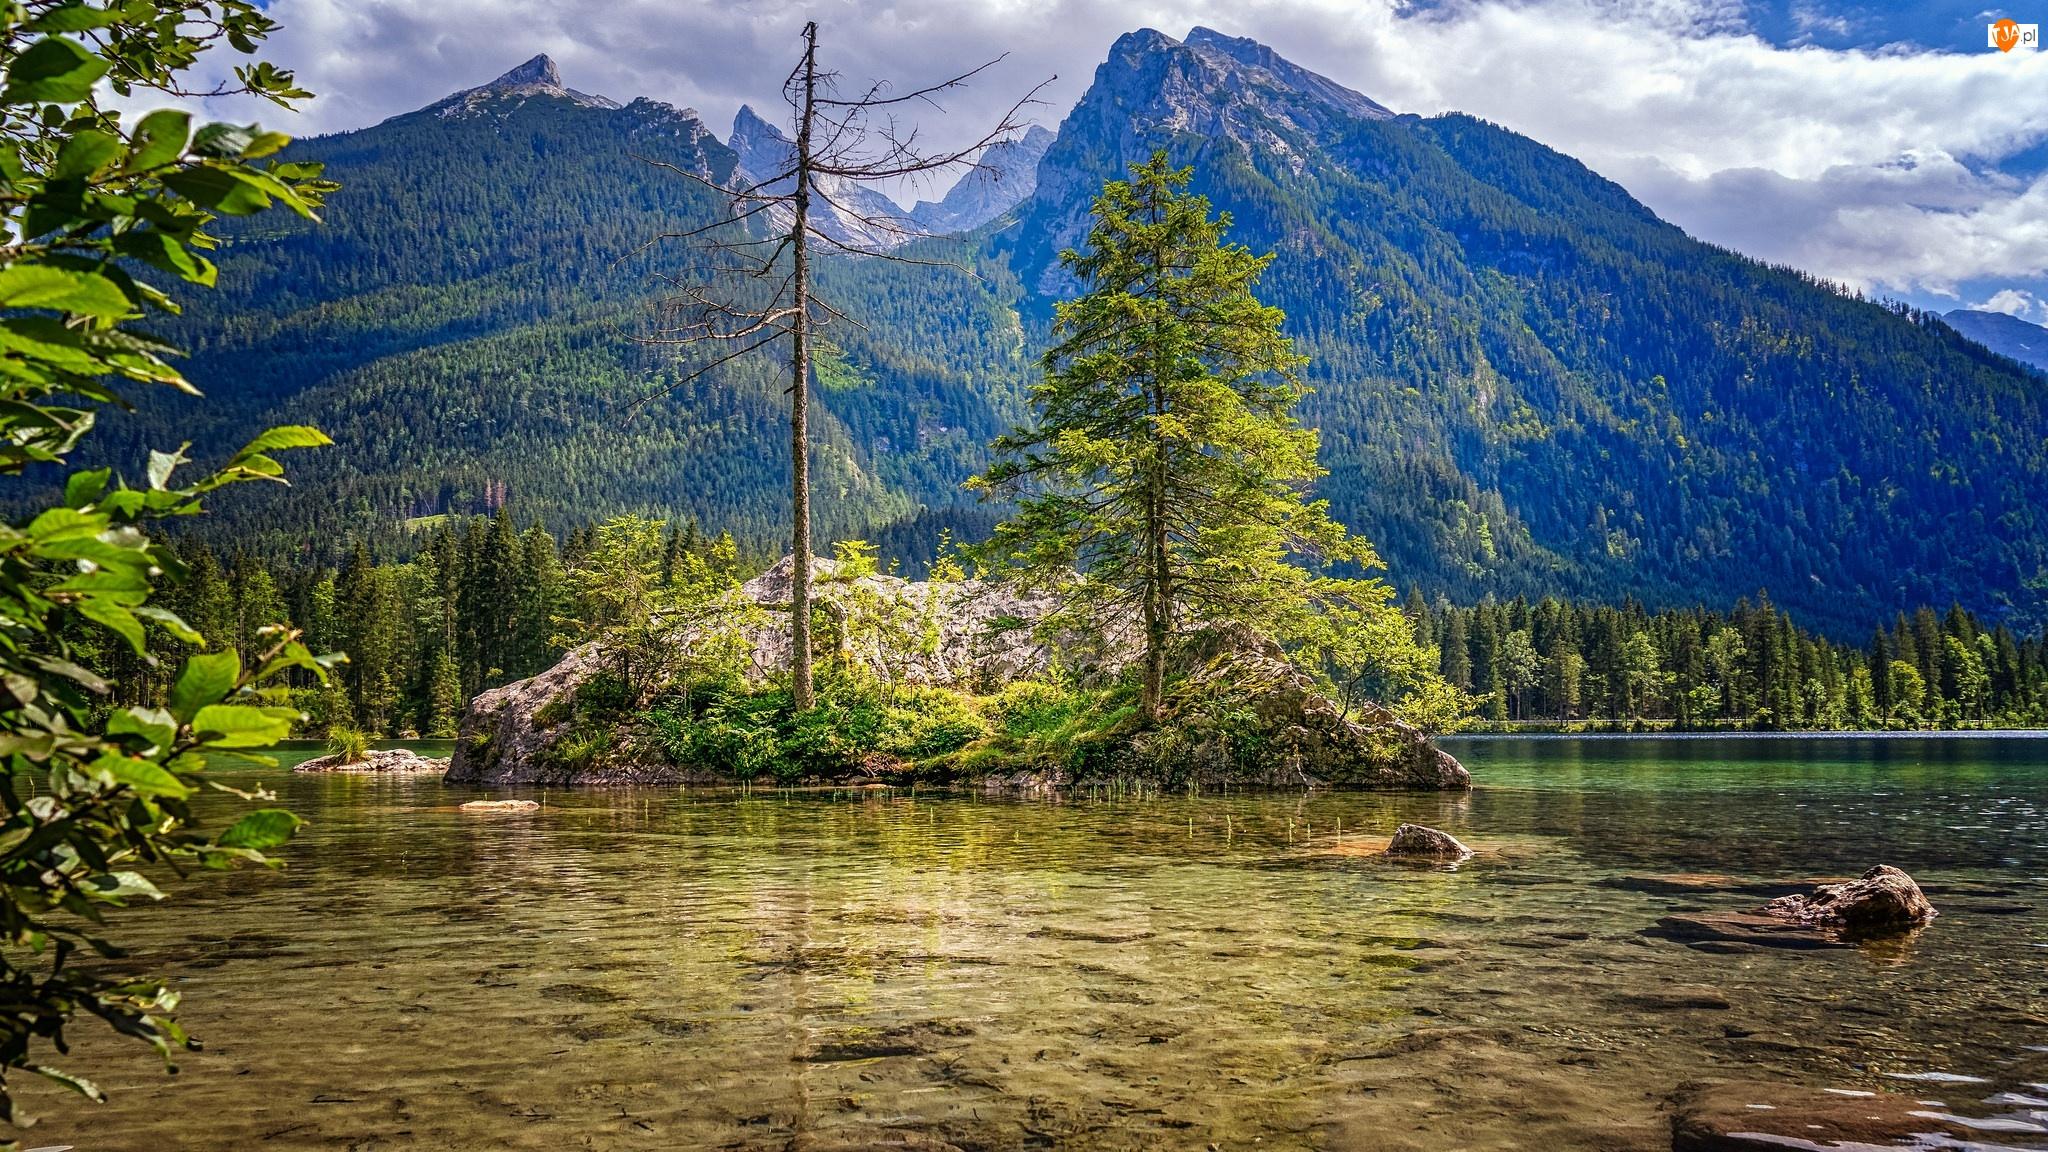 Alpy, Skały, Niemcy, Góry, Bawaria, Jezioro Hintersee, Drzewa